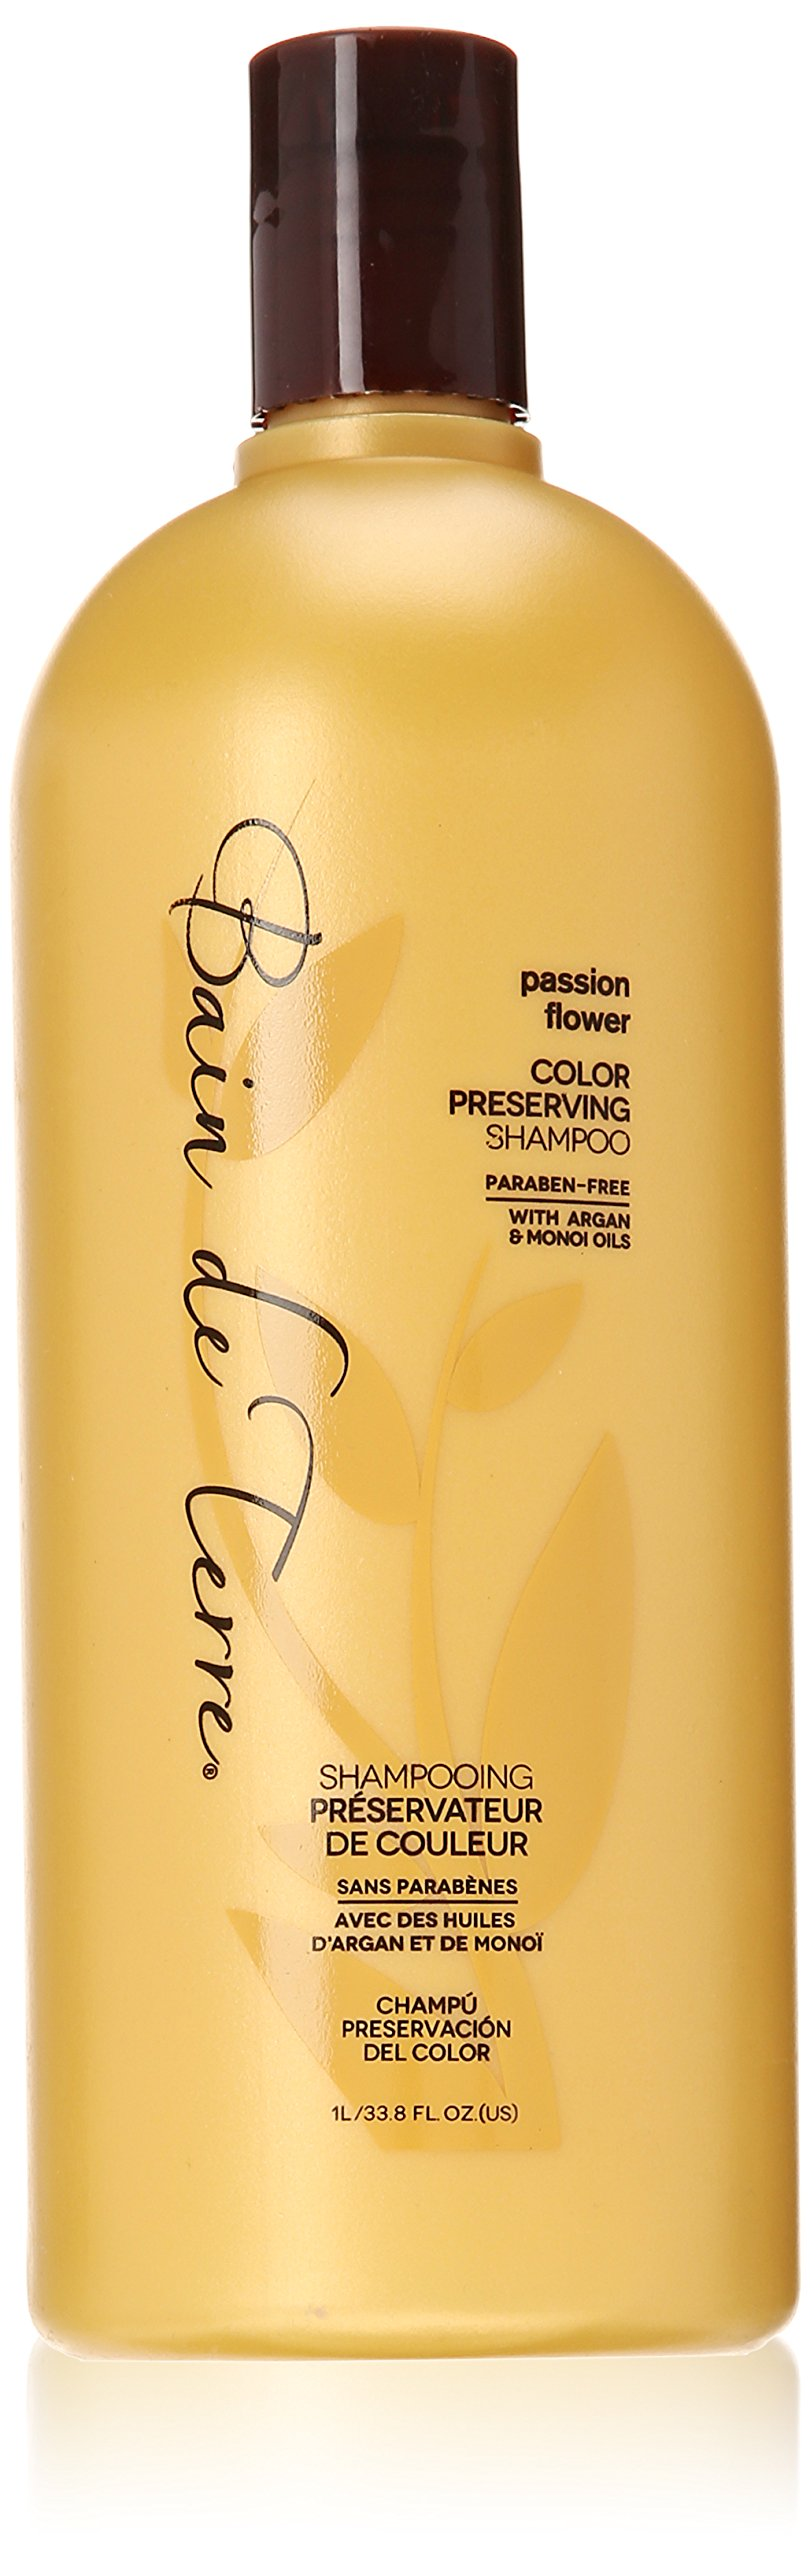 Bain de Terre Color Preserving Shampoo, Passion Flower, 33.8 Ounce